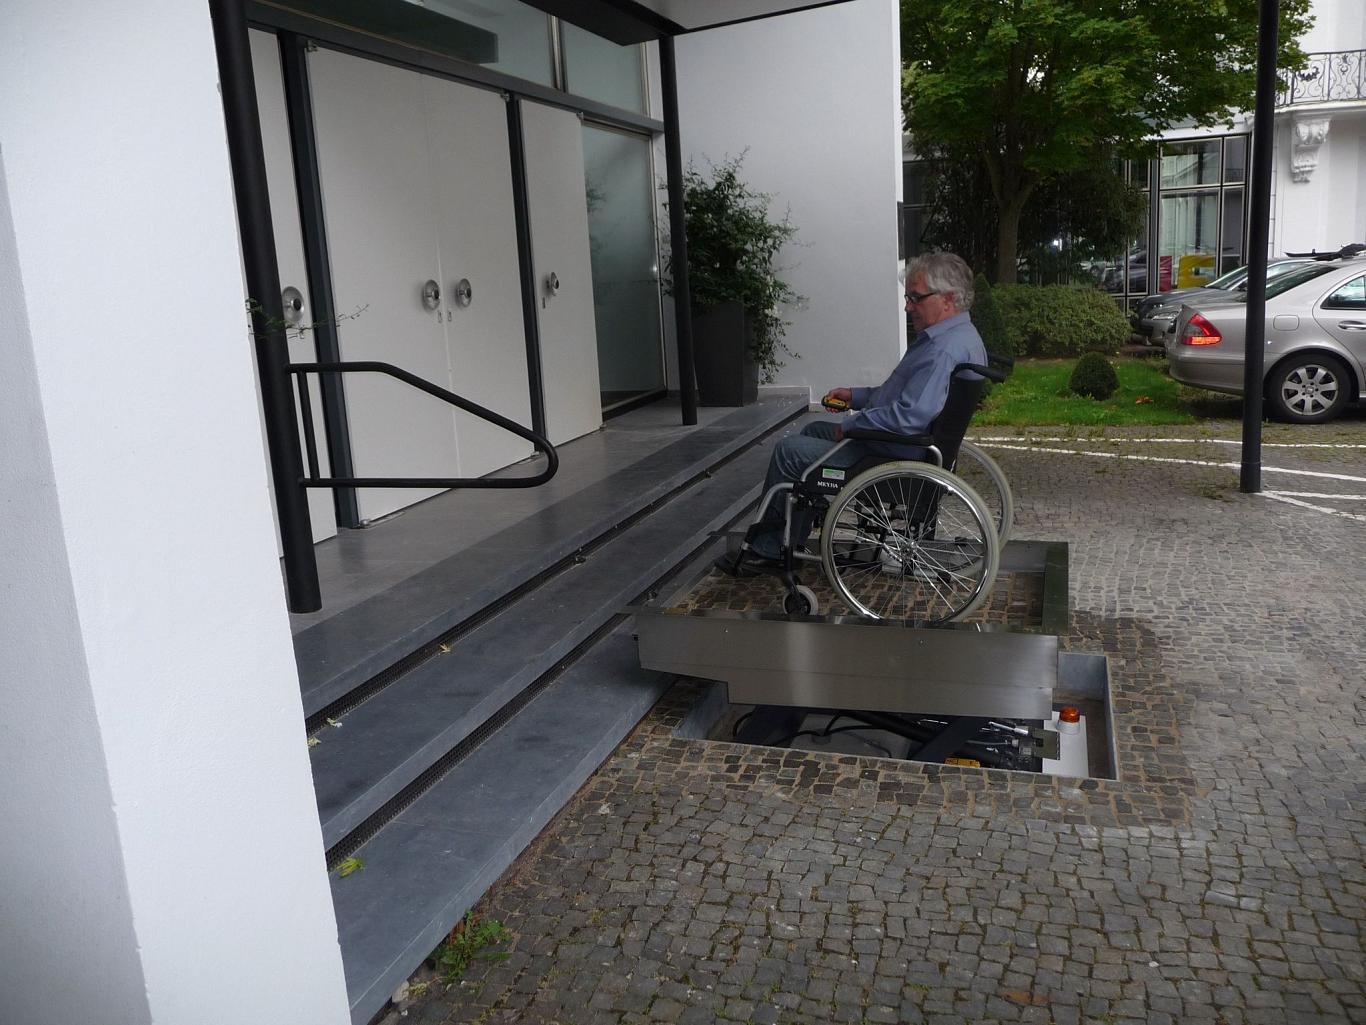 Behindertenaufzug Hydrostar 1000 von Lift Reith